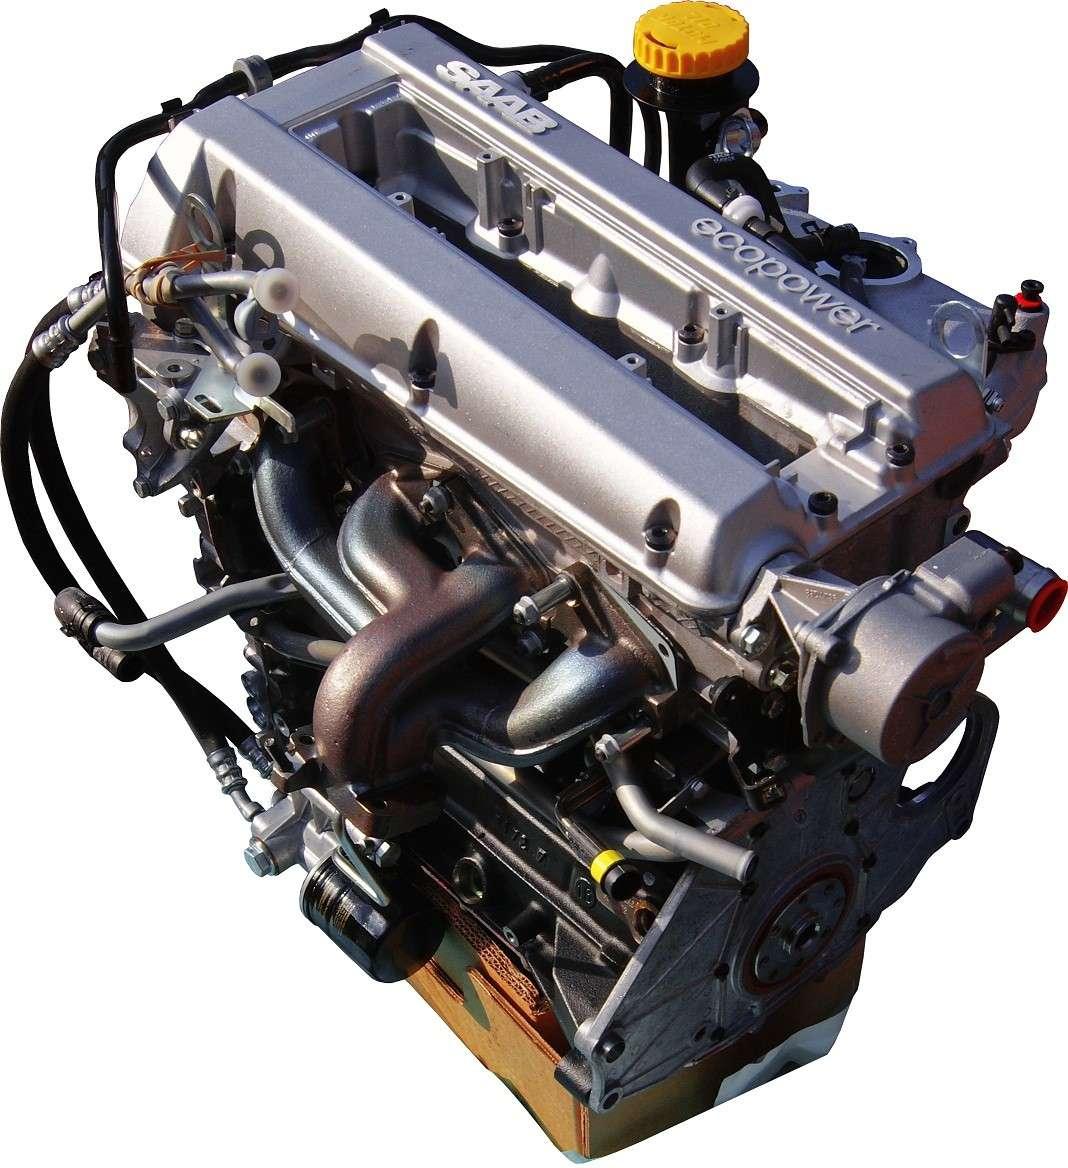 2002 Saab 43594 Transmission: Complete 2.3 Turbo Engine For Saab 9.5